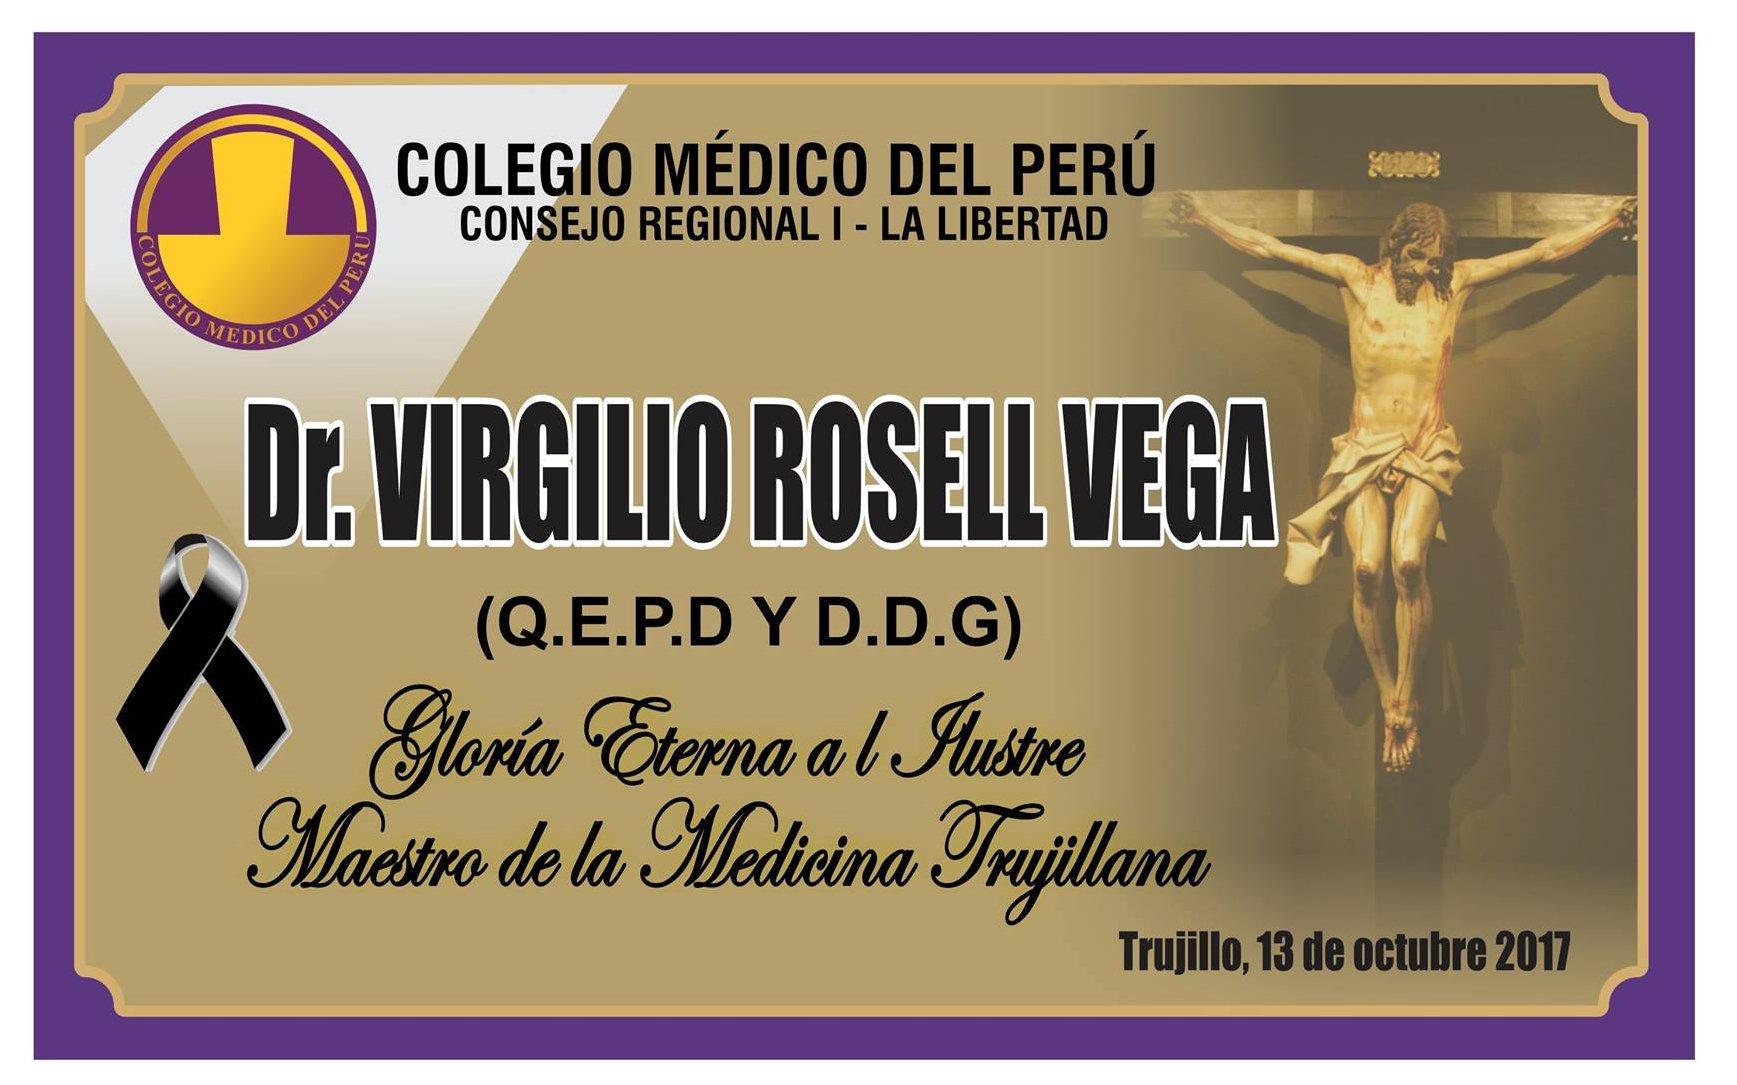 DEFUNCIÓN: Dr. VIRGILIO ROSELL VEGA